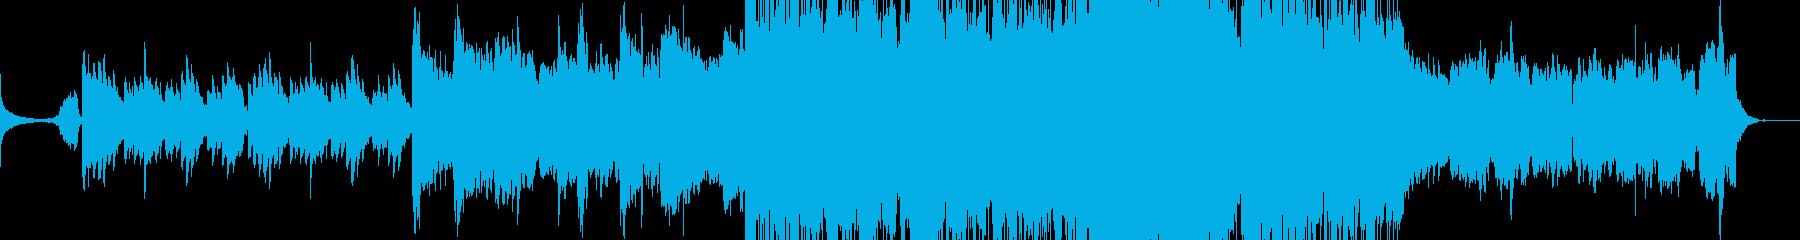 癒しの和風バラードの再生済みの波形